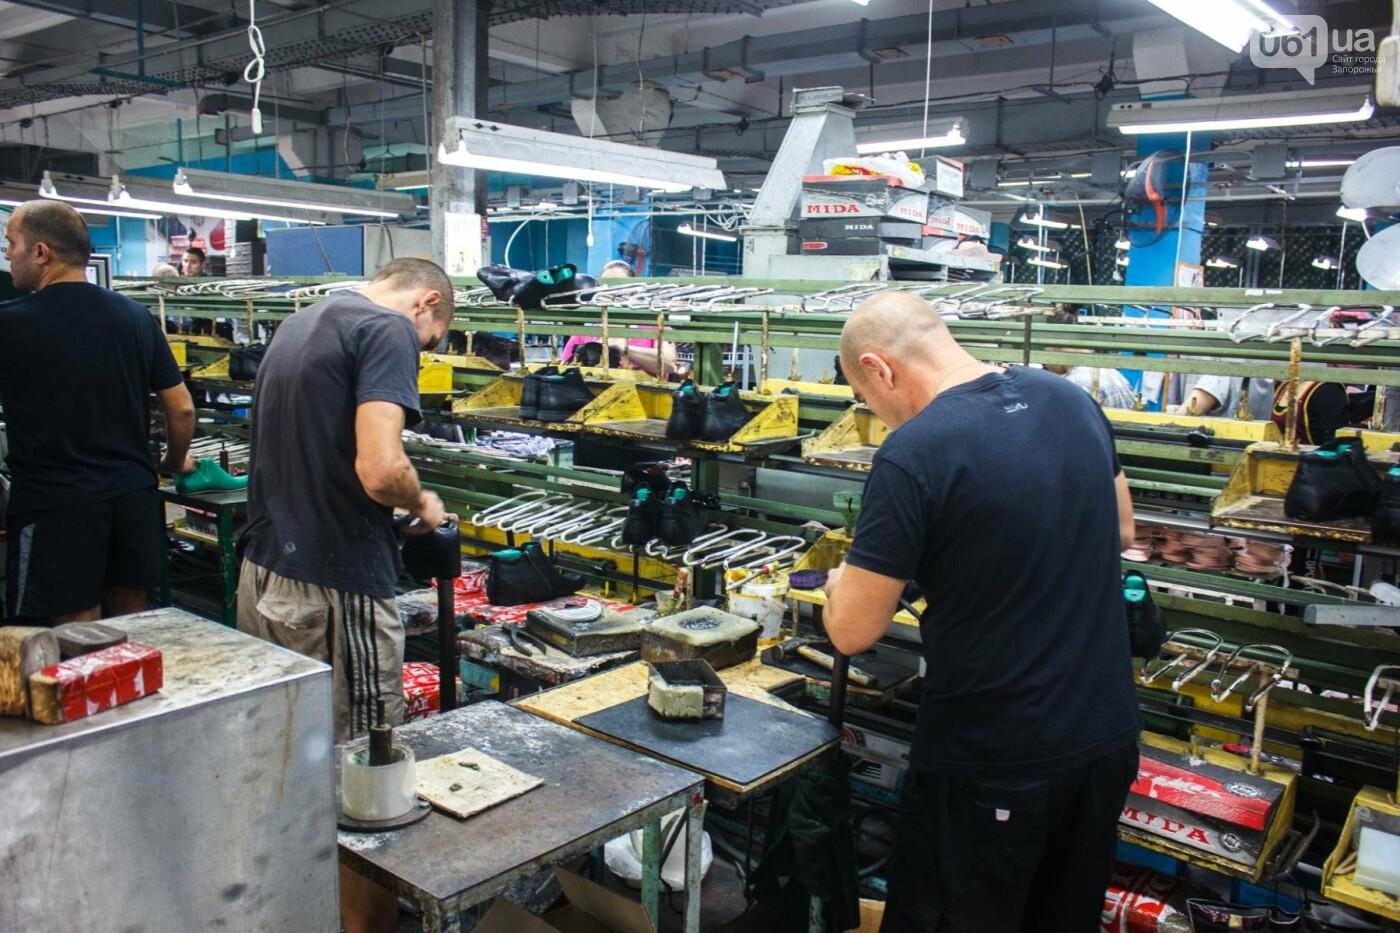 Как создается обувь: экскурсия на запорожскую обувную фабрику, – ФОТОРЕПОРТАЖ, фото-57